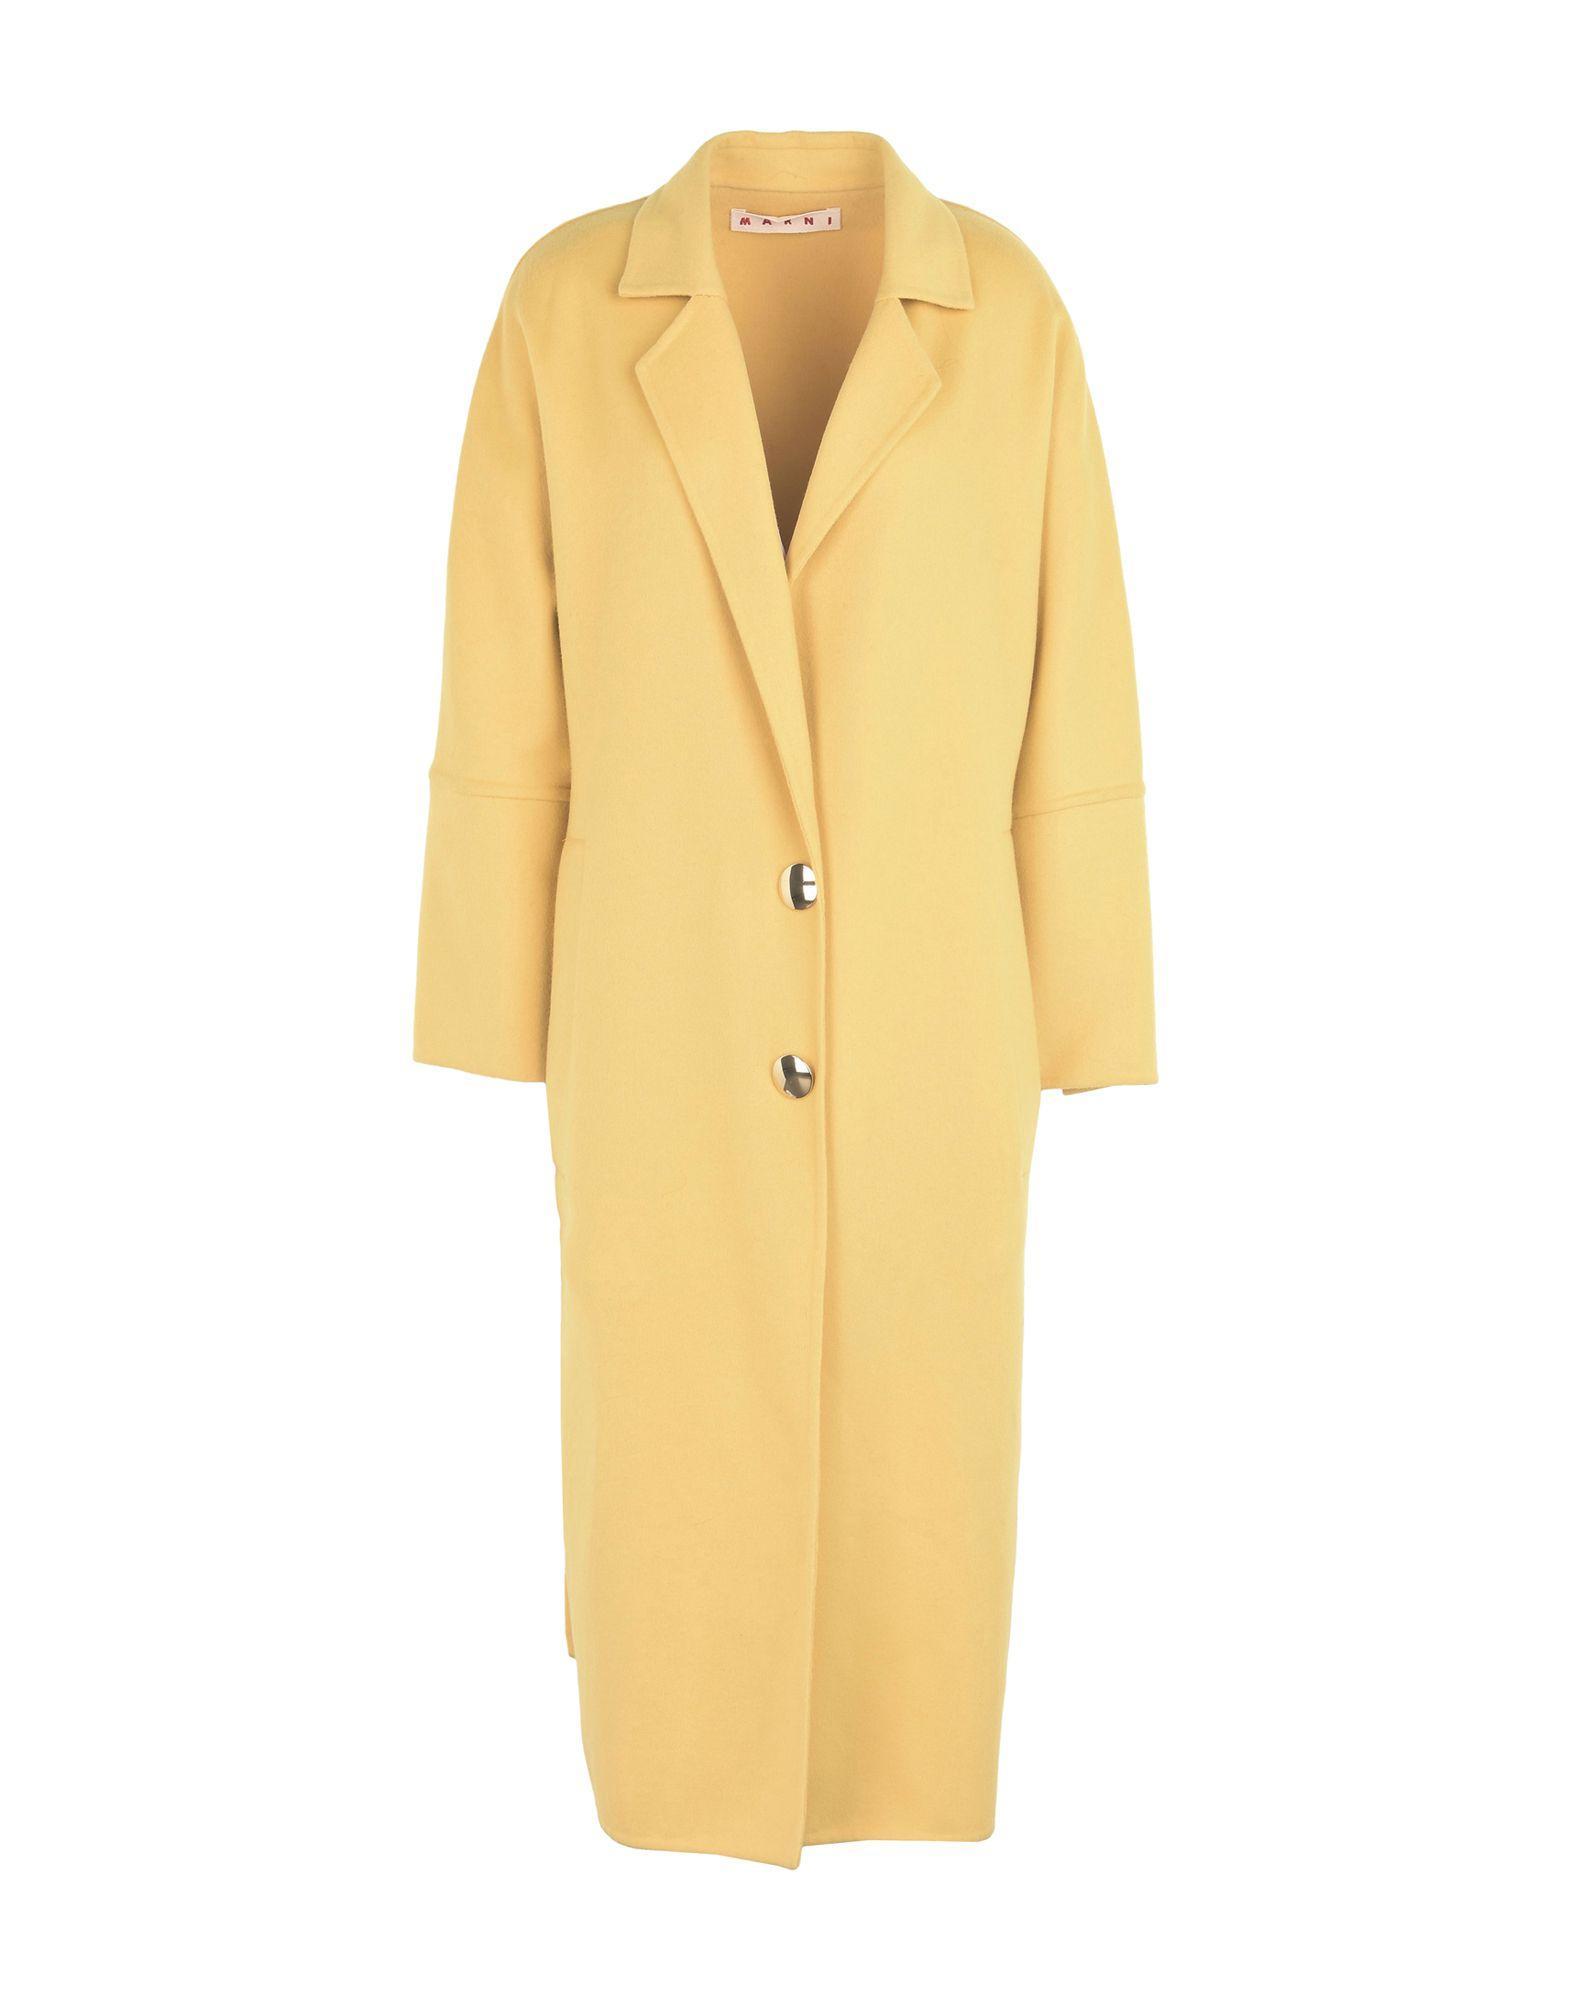 Marni Coat In Yellow